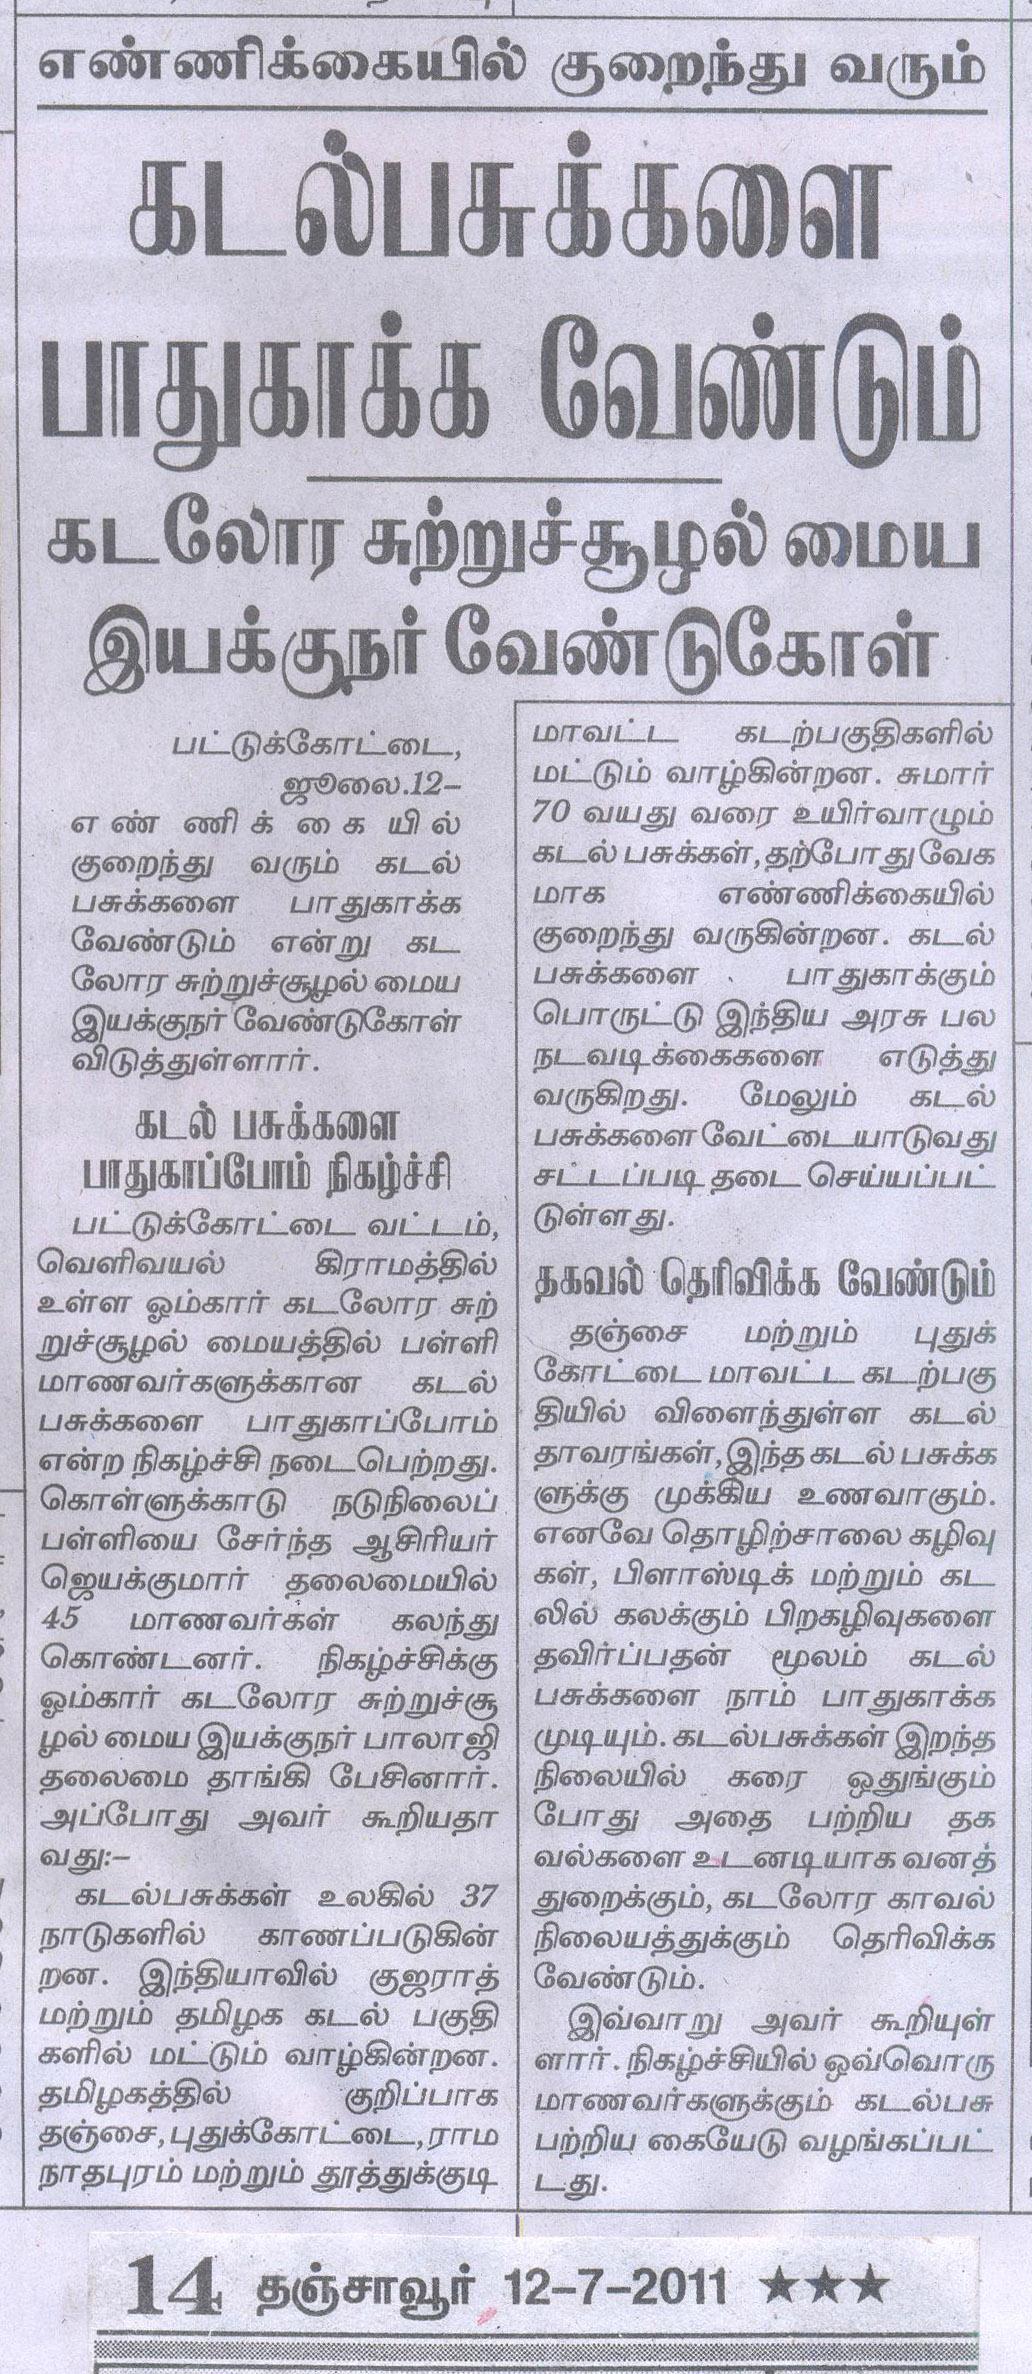 Dugong news 12-jul-11 Dinathanthi